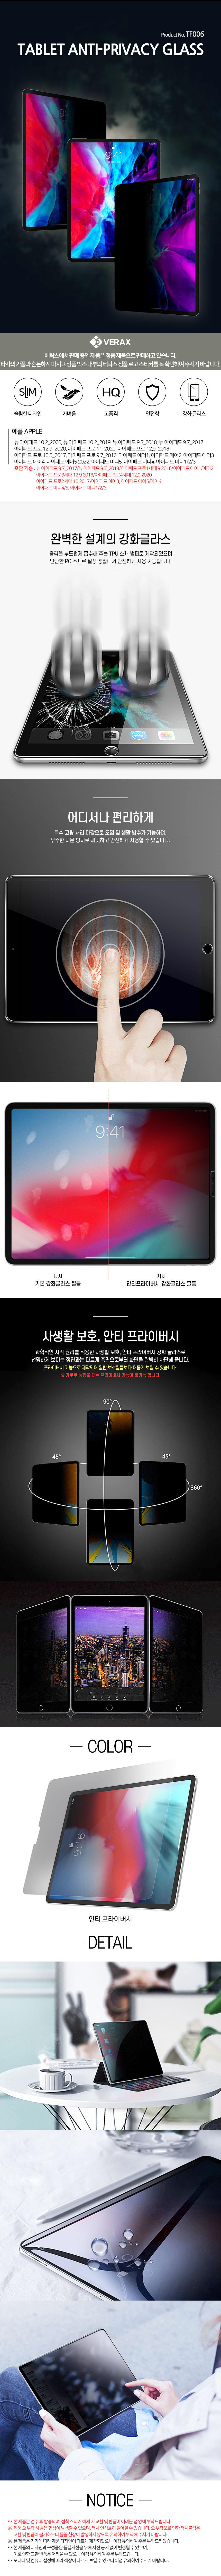 아이패드미니5 안티 프라이버시 태블릿 필름 TF006 - 베락스, 29,800원, 필름/스킨, 아이패드/미니